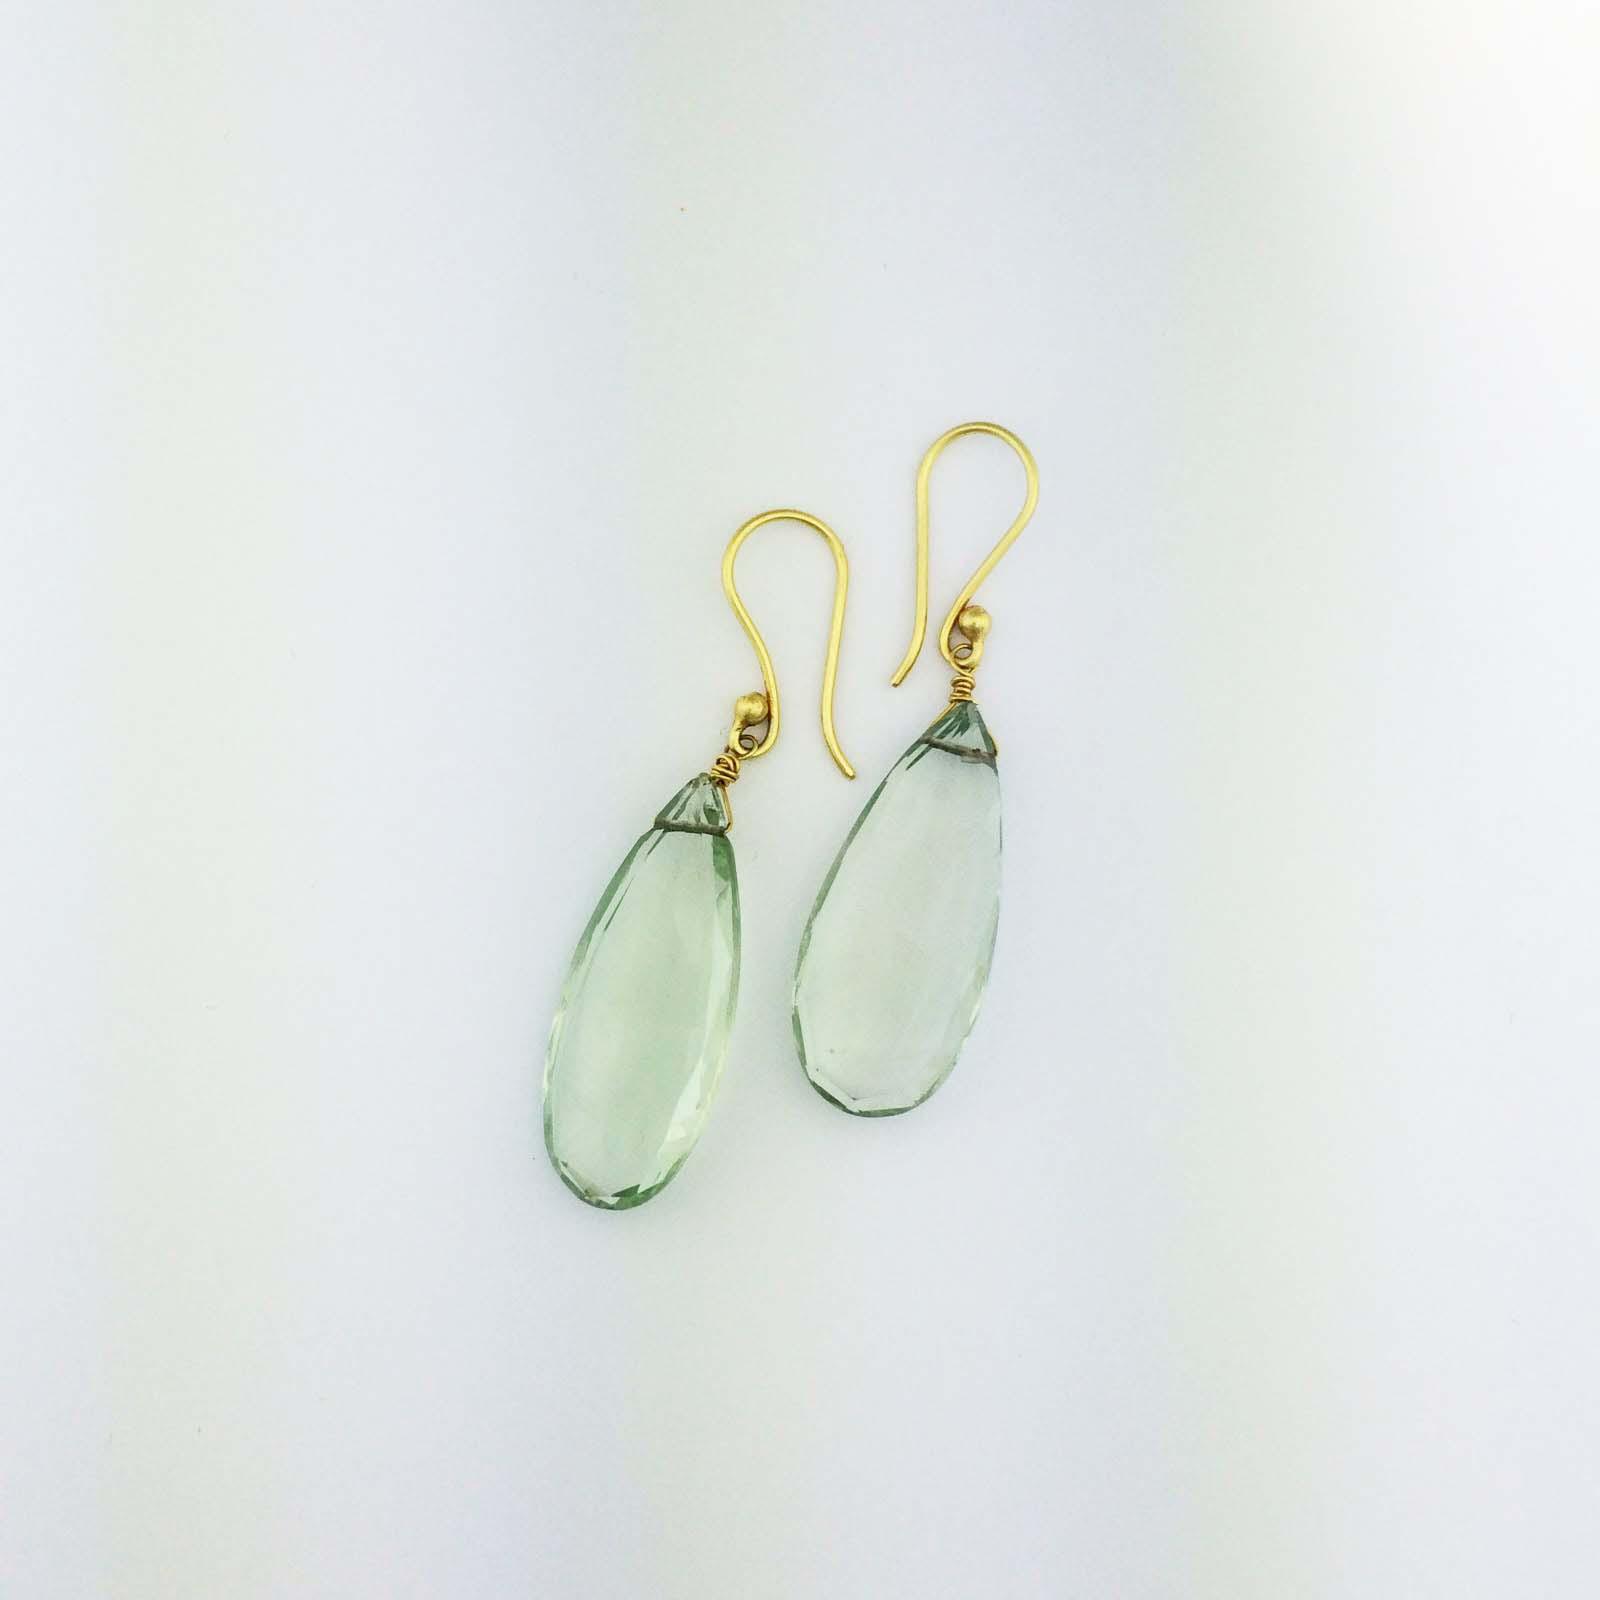 Large 18k green beryl drop earrings